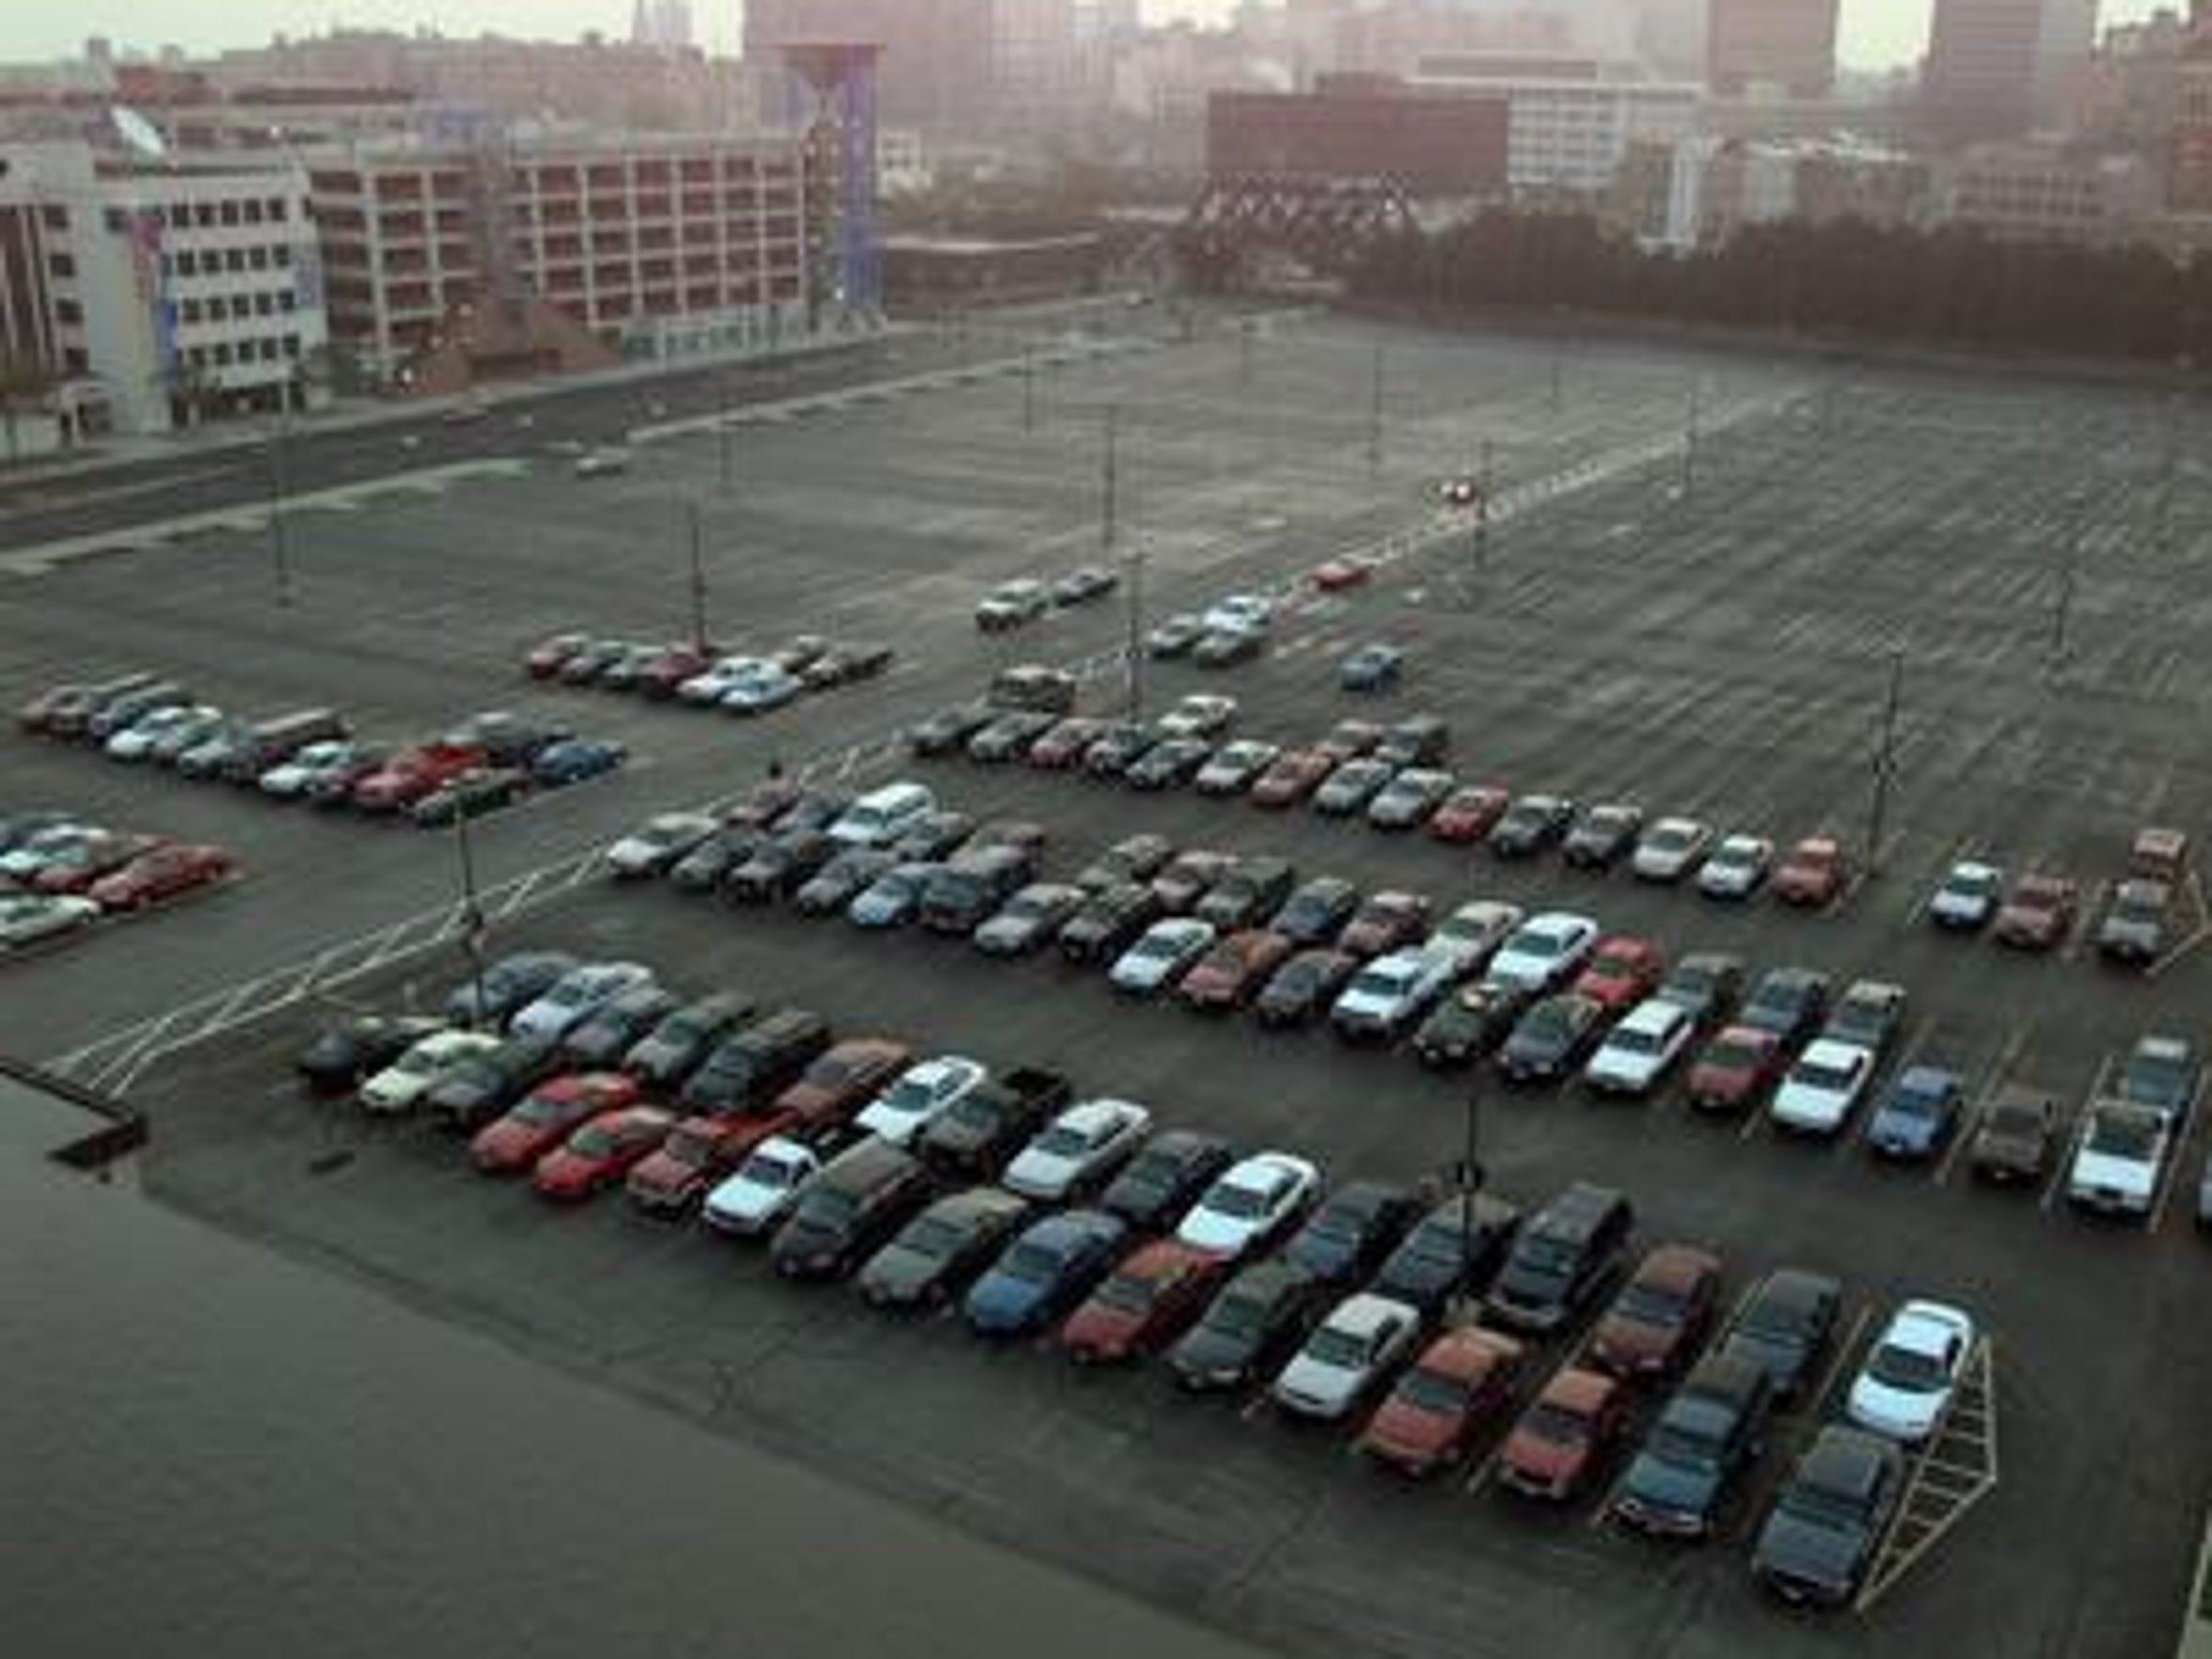 Rochester's Eastman Business Park is seen in 1997. As Kodak downsized, fewer cars were in its parking lot.